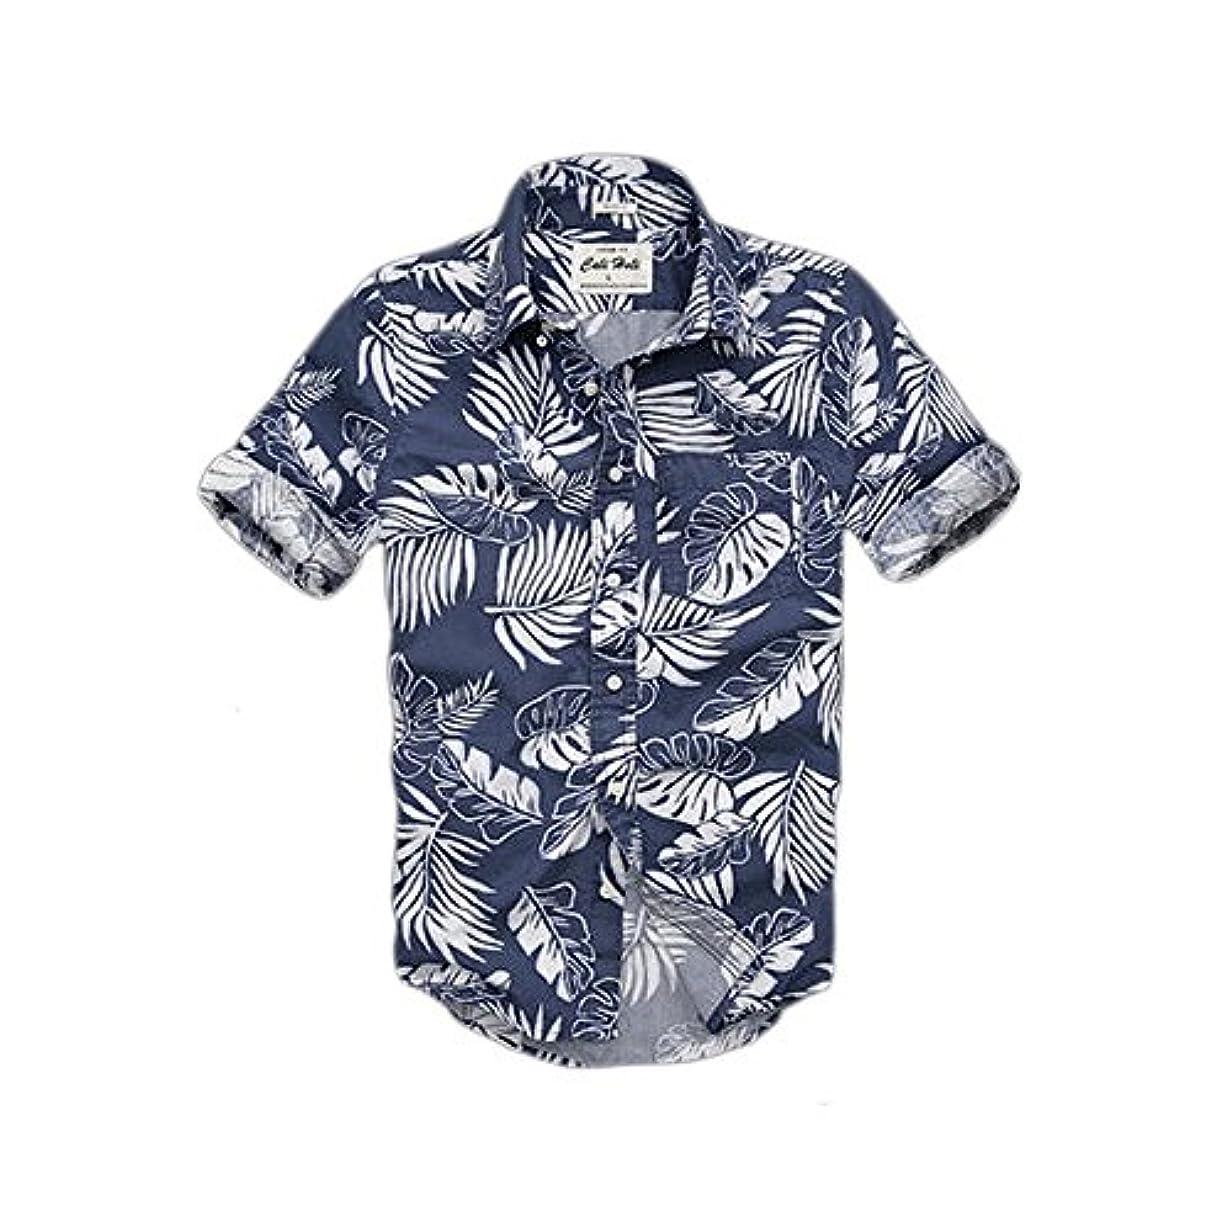 旋律的階層無視する(カリホリ) Cali Holi シャツ メンズ 長袖 カジュアル 大きいサイズ 花柄 アロハシャツ アメカジの王道